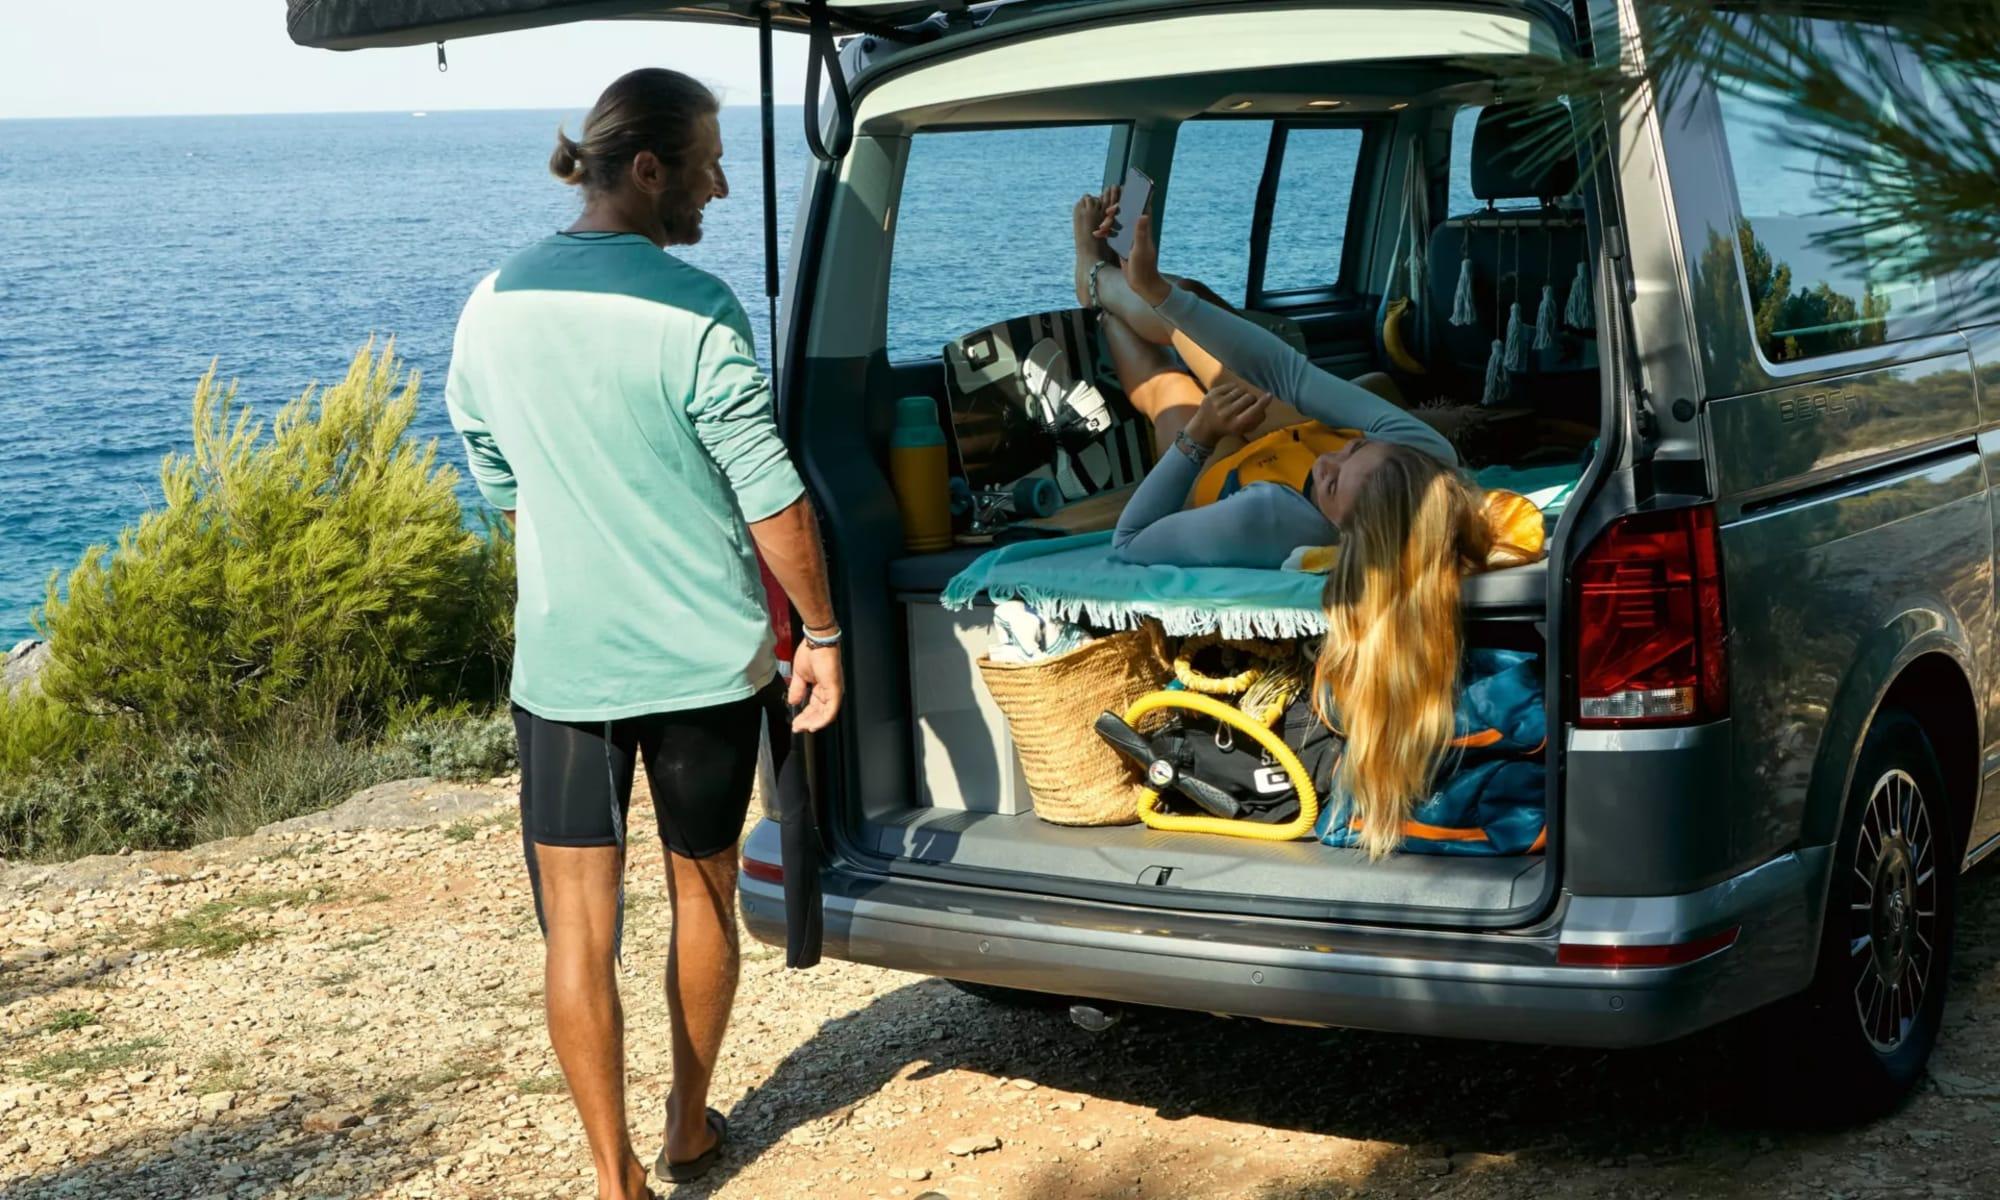 ca1435-vw-california-beach-trunk-hfs